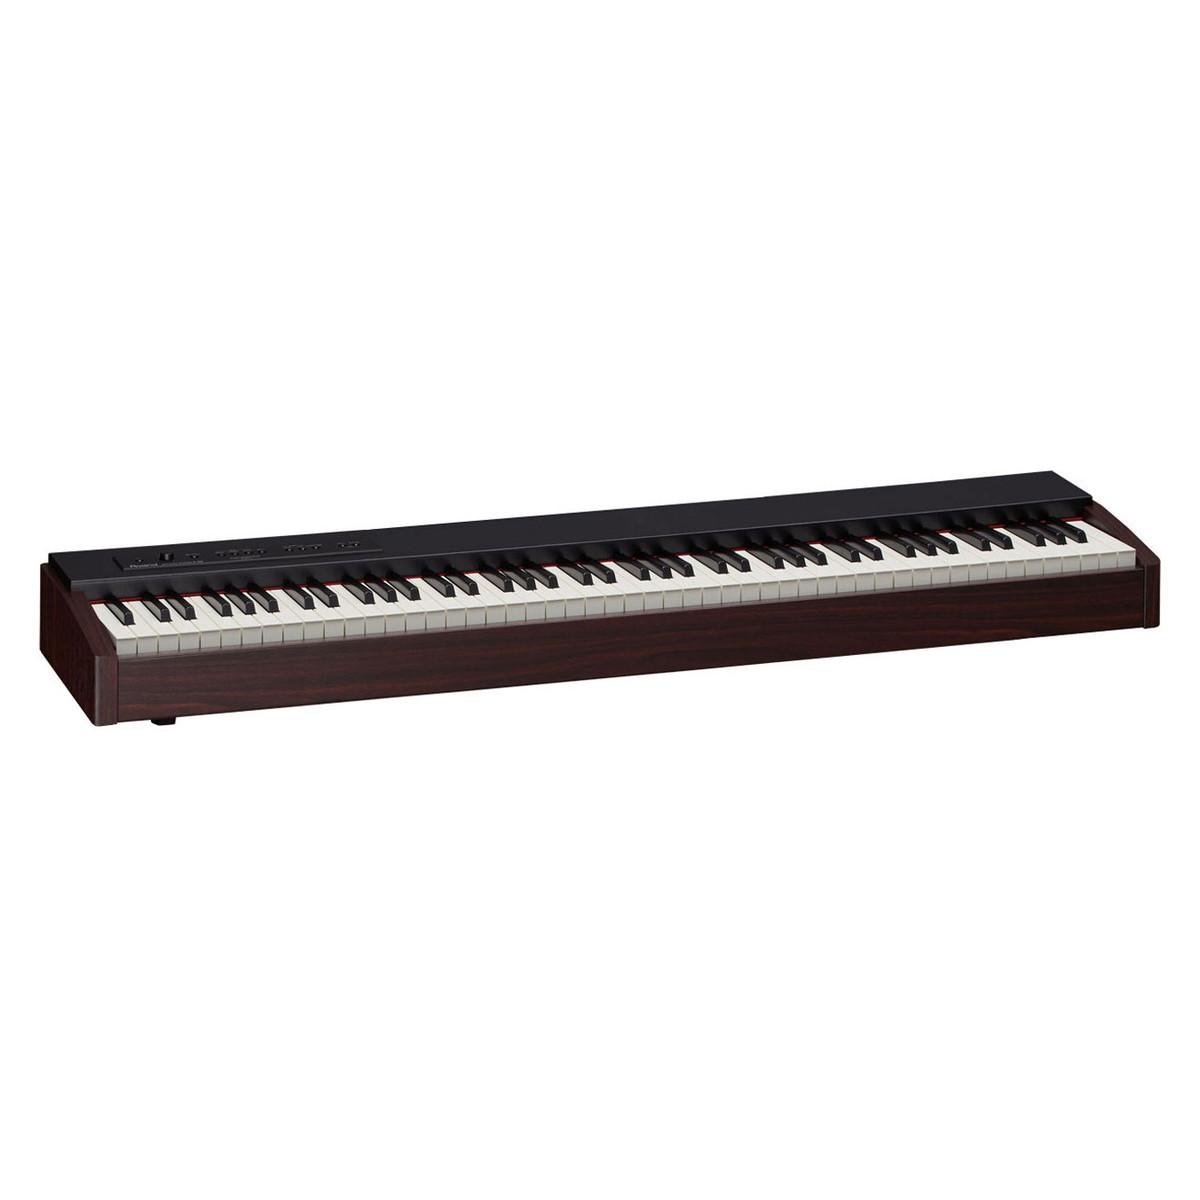 Roland f 20 portatile pianoforte noce scuro scatola for Generatore di piano